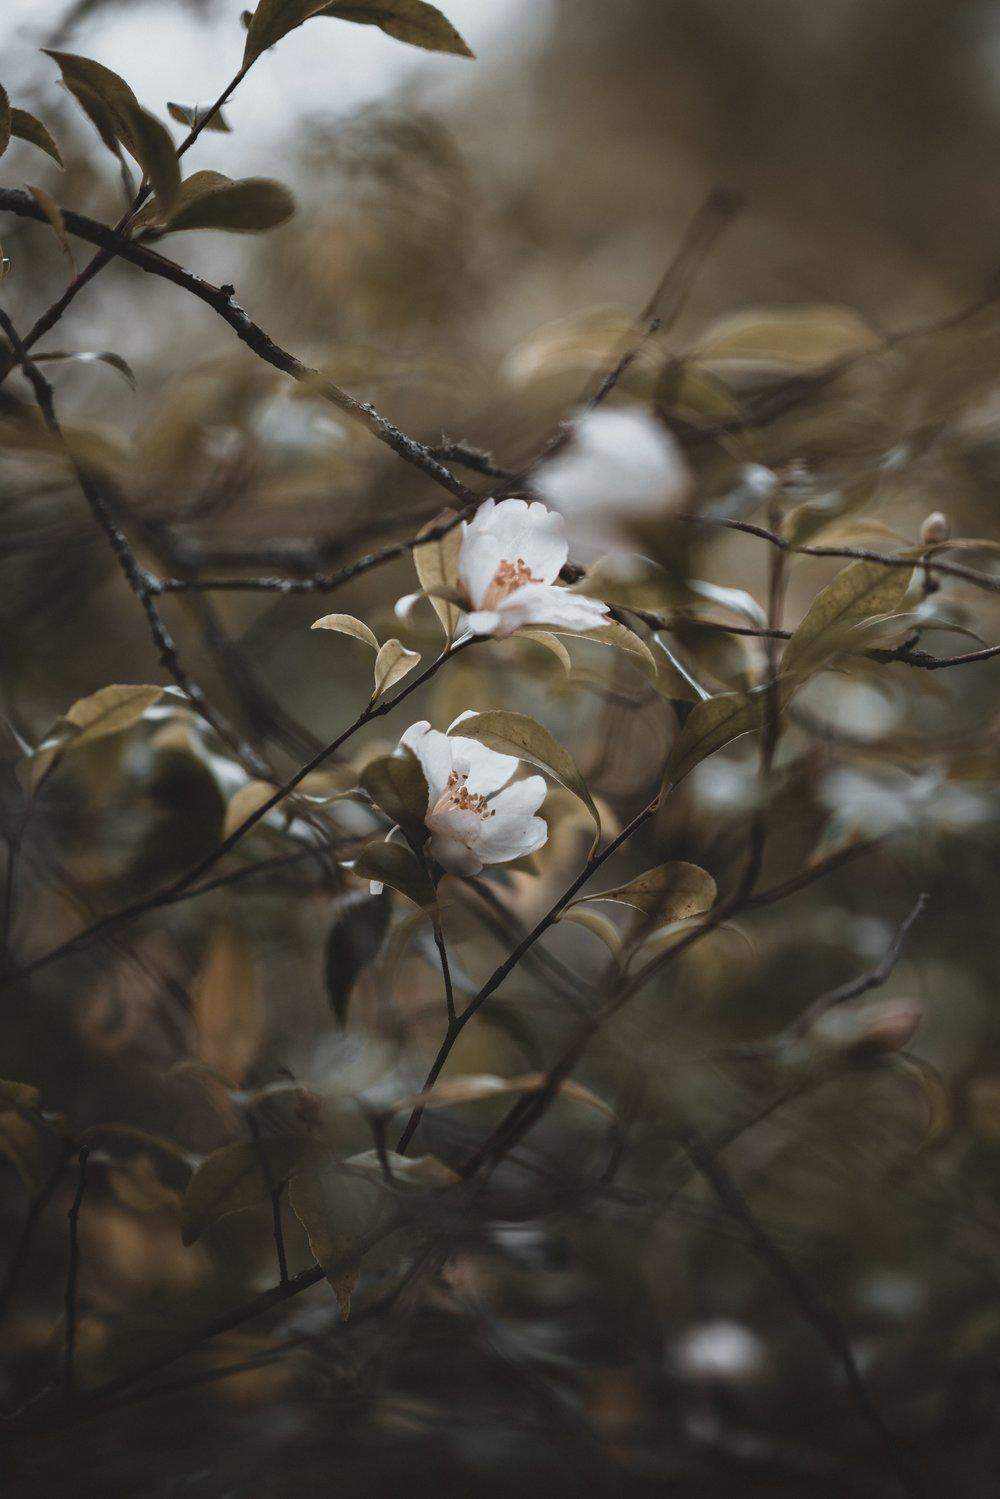 Photo by Annie Spratt,   Unsplash